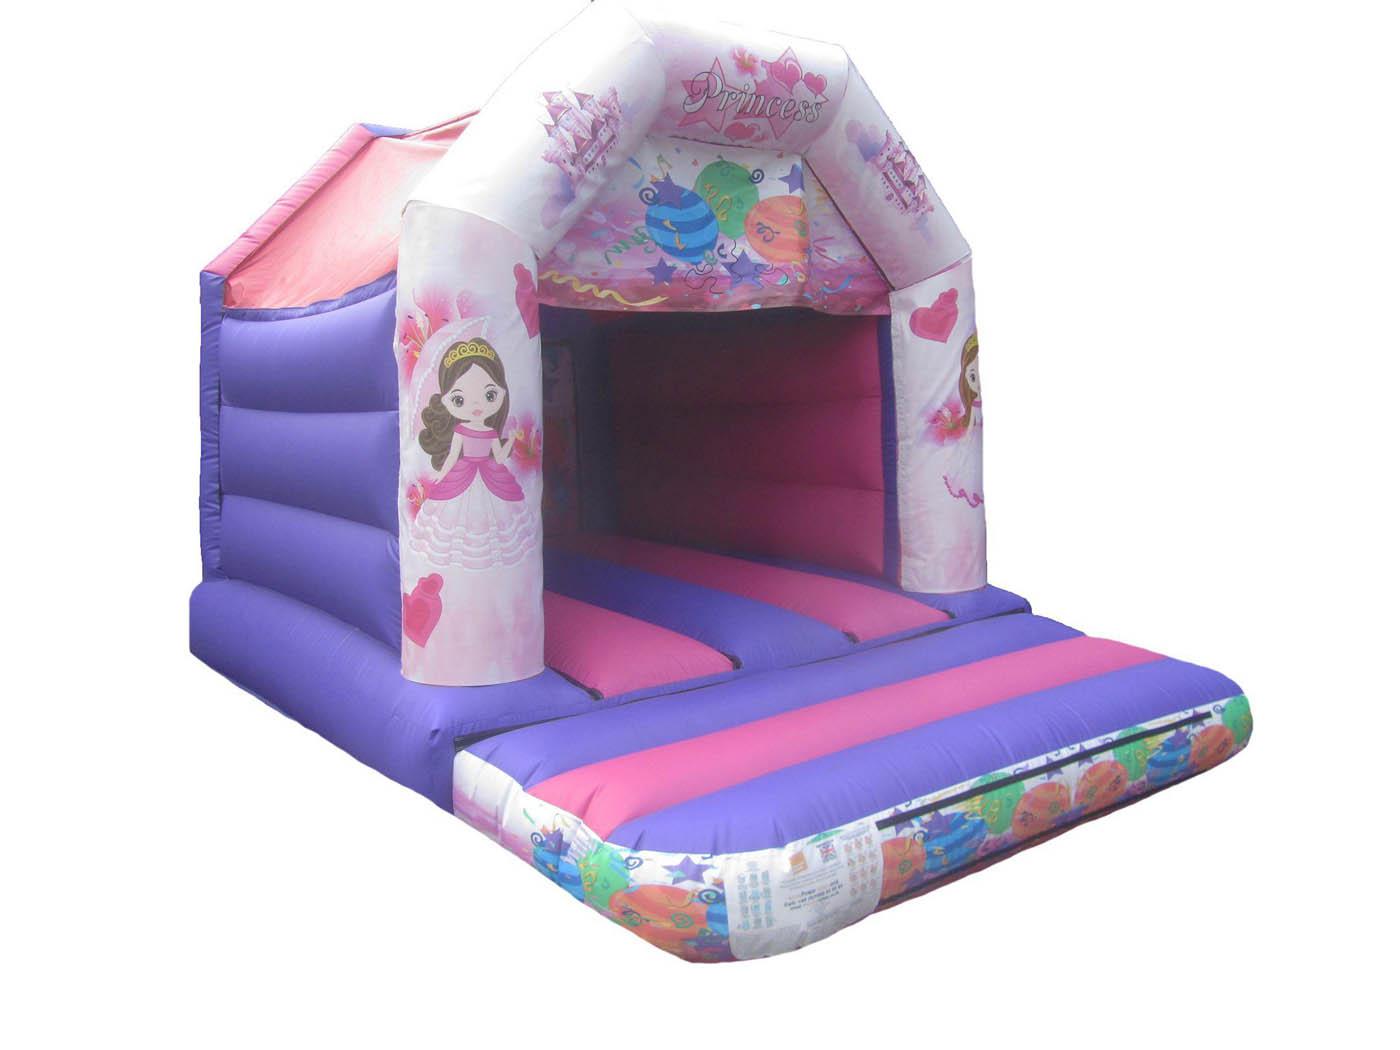 Princess Commercial Bouncy Castle for Sale